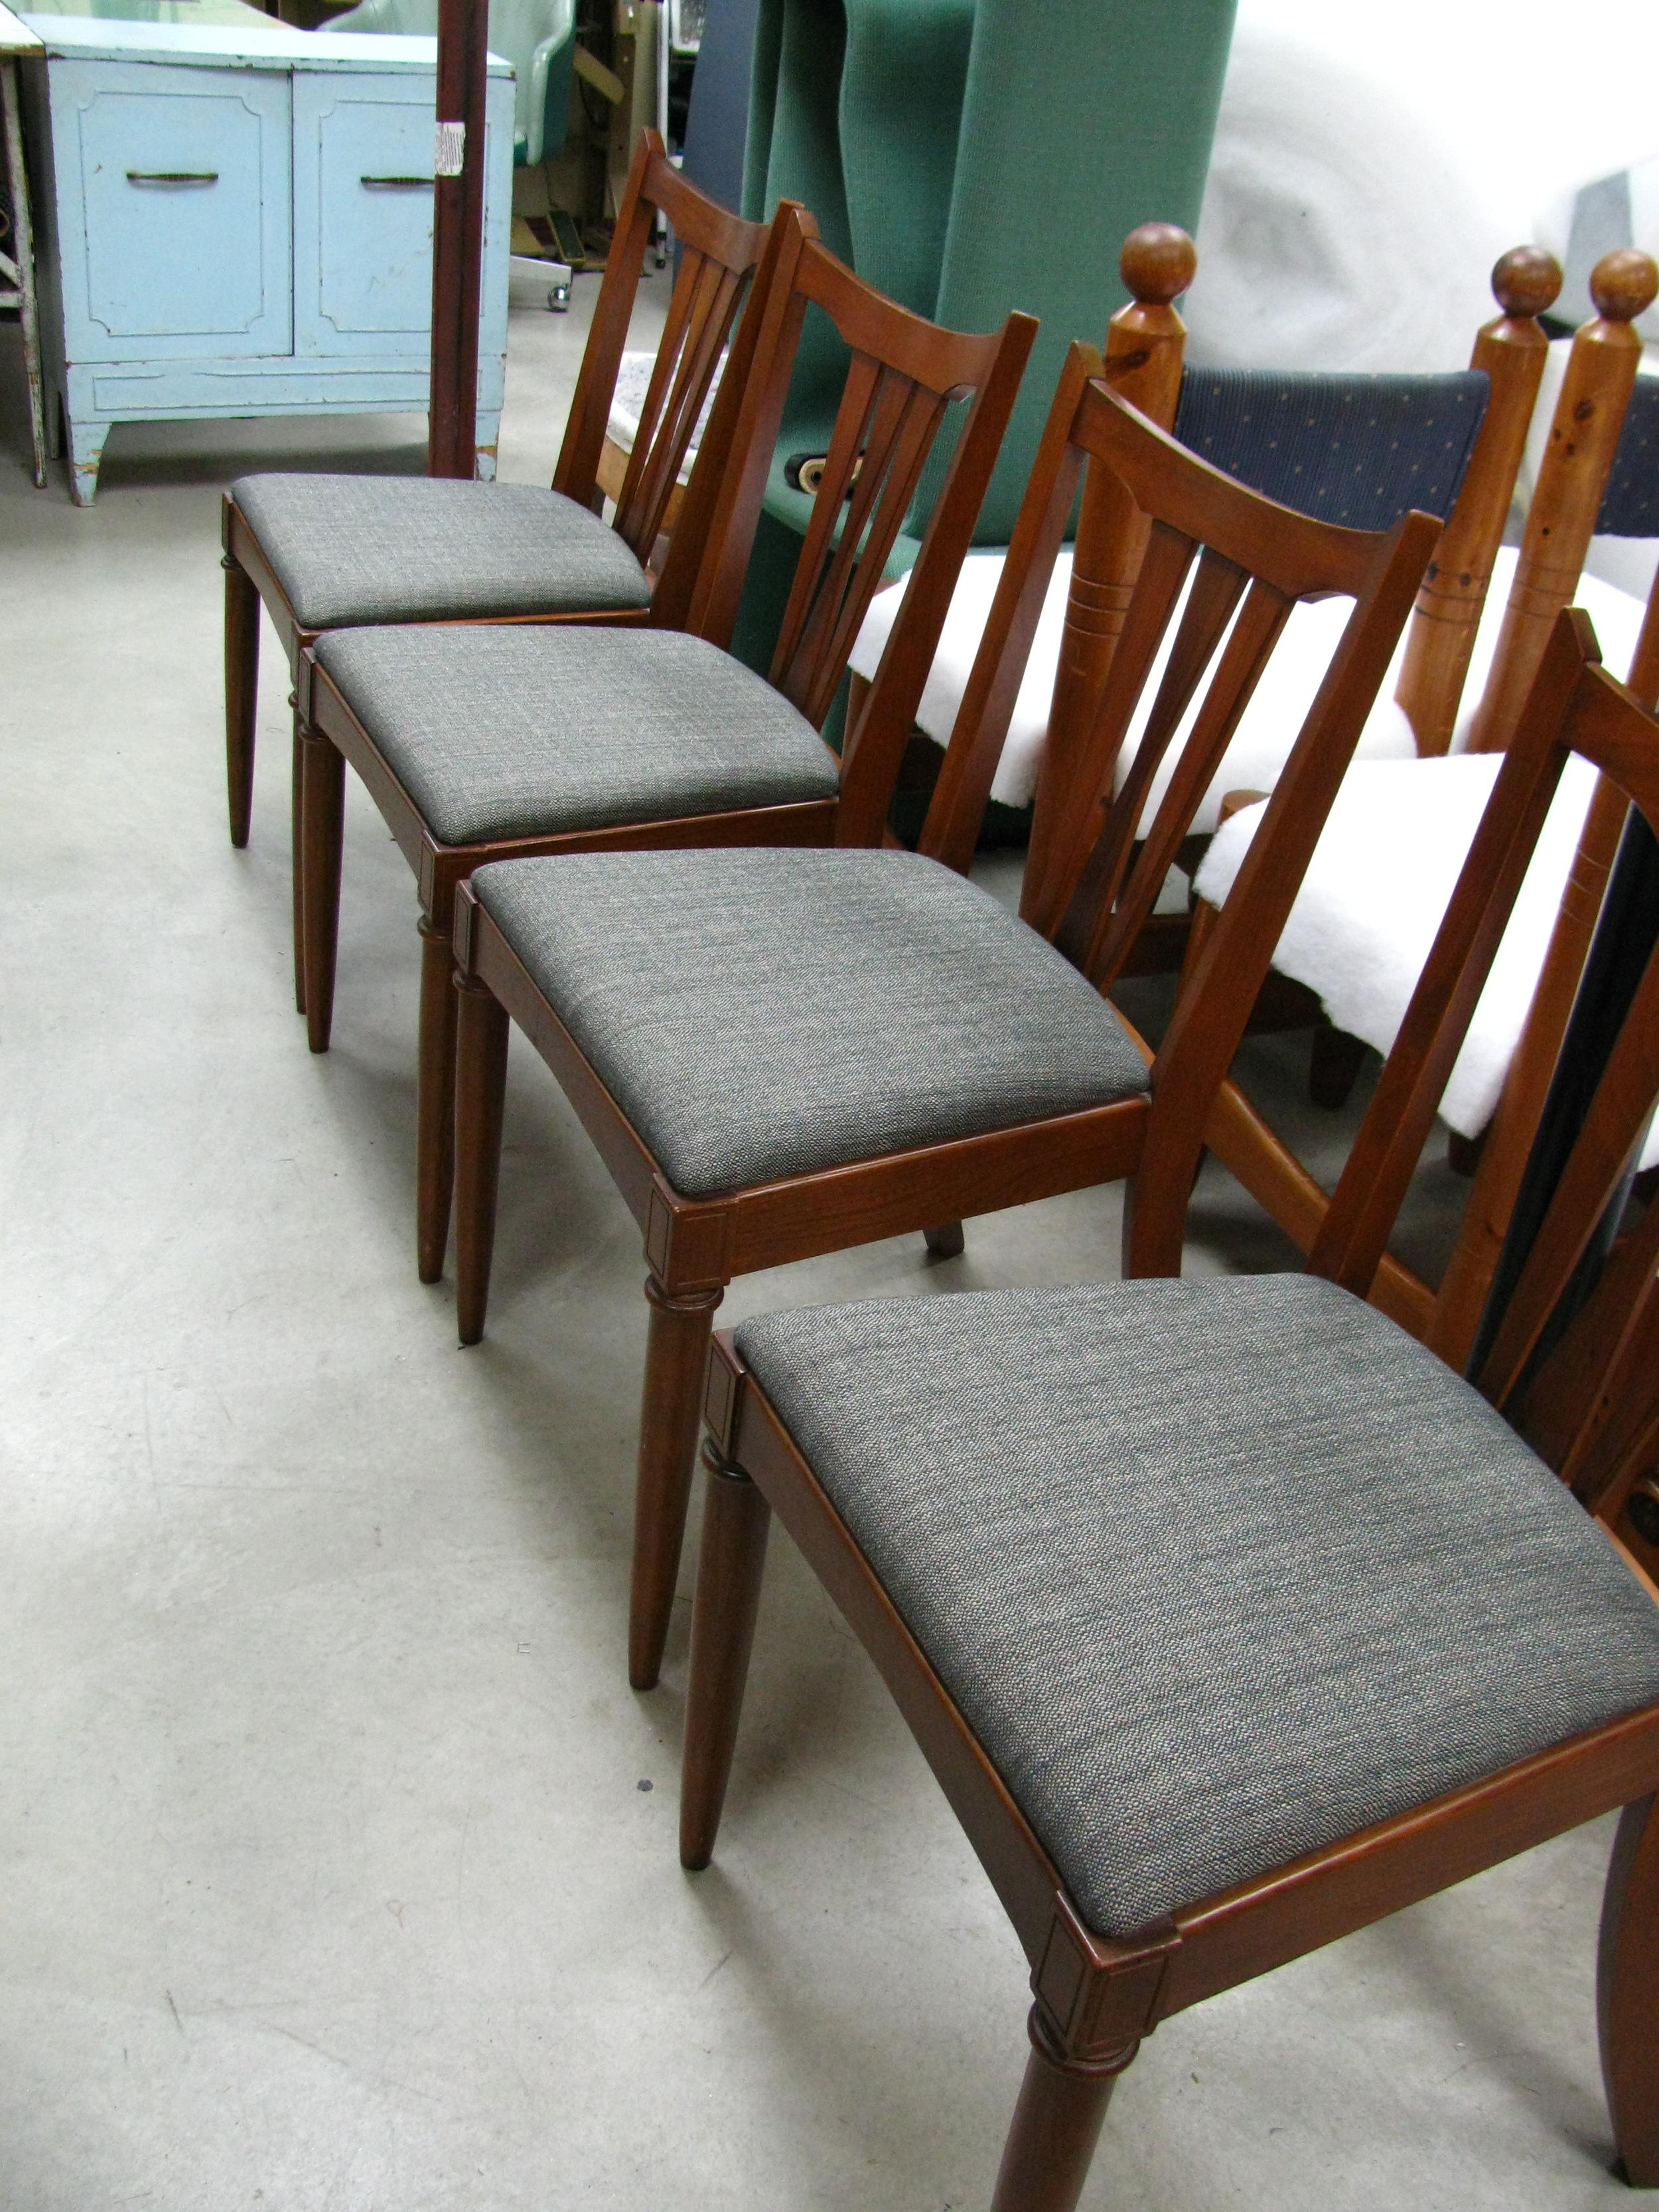 remise a neuf de chaises de